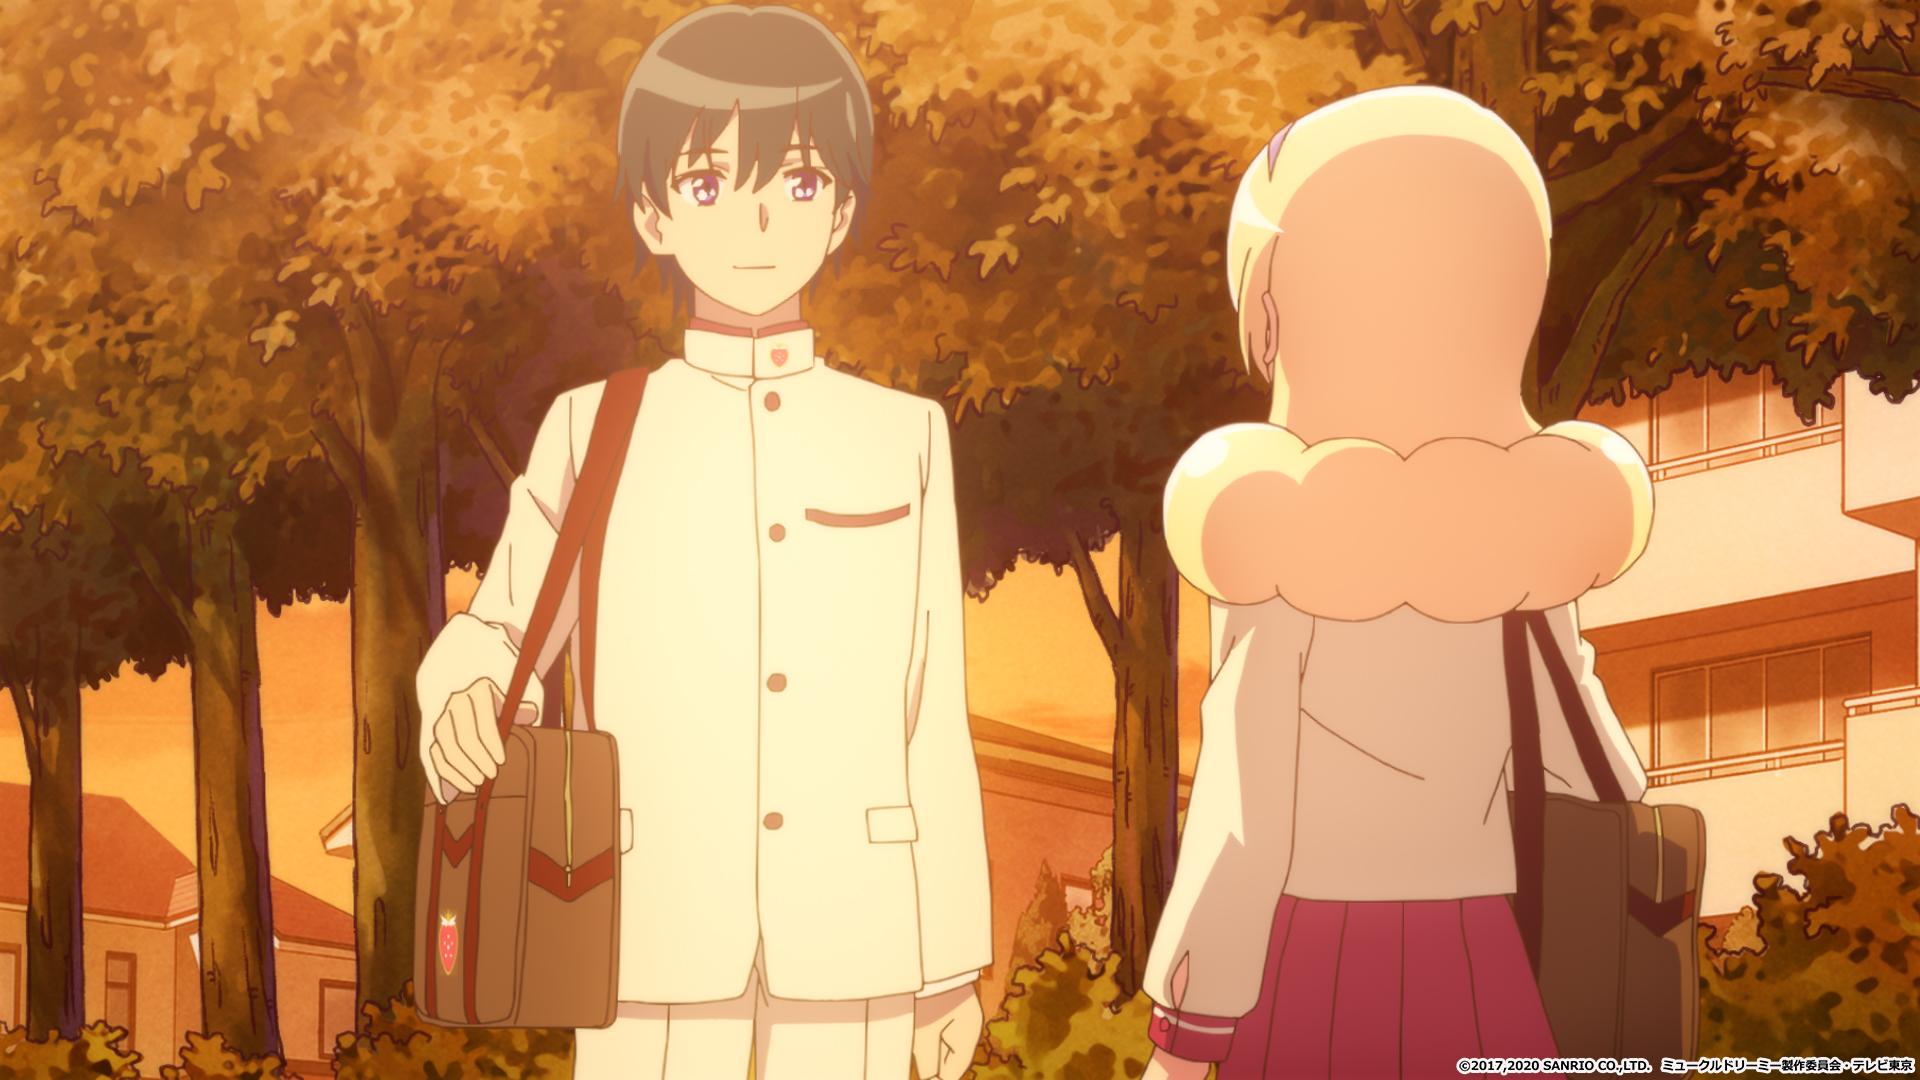 【アニメ】ミュークルドリーミーの31話あらすじ・ネタバレ感想   ついに杉山先輩とデート回!